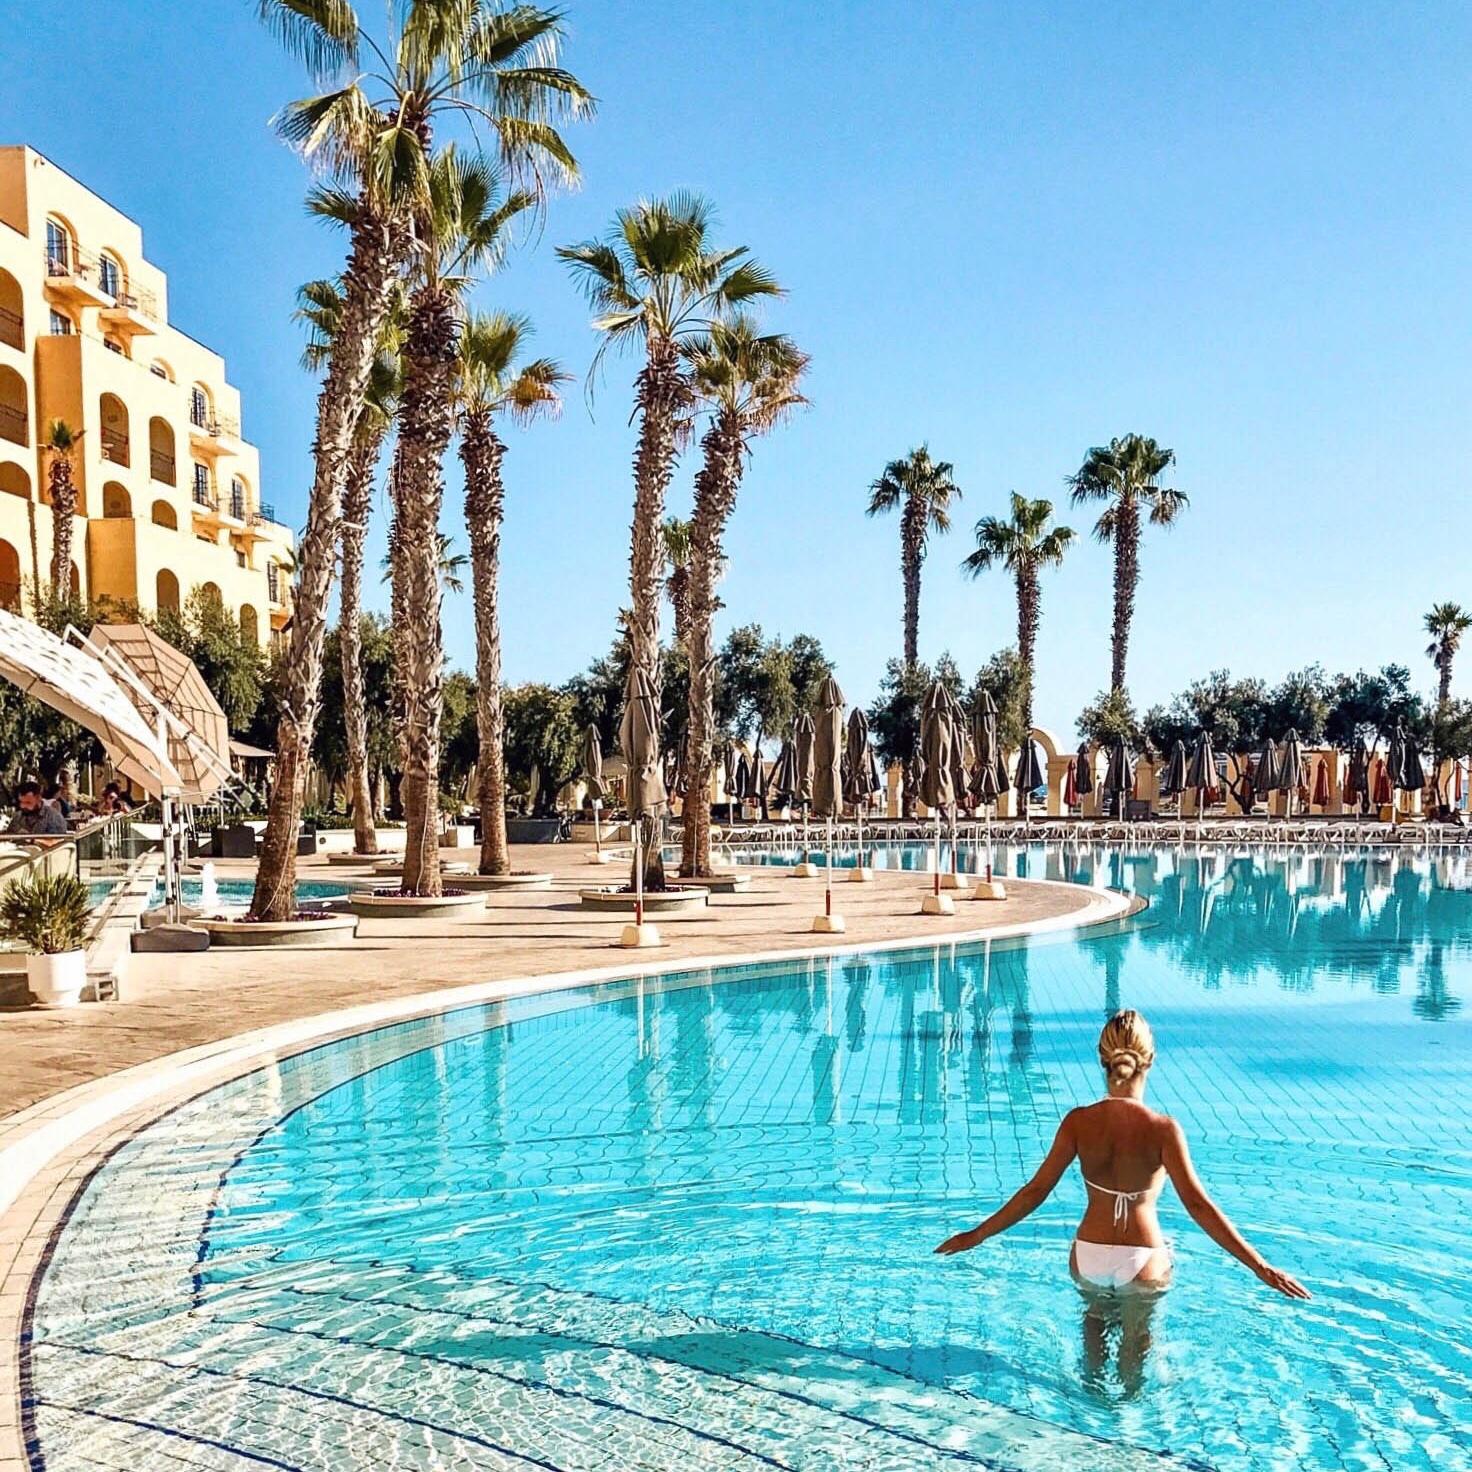 Pilotmadeleine Our Stay At Hilton Hotel Malta Pilotmadeleine